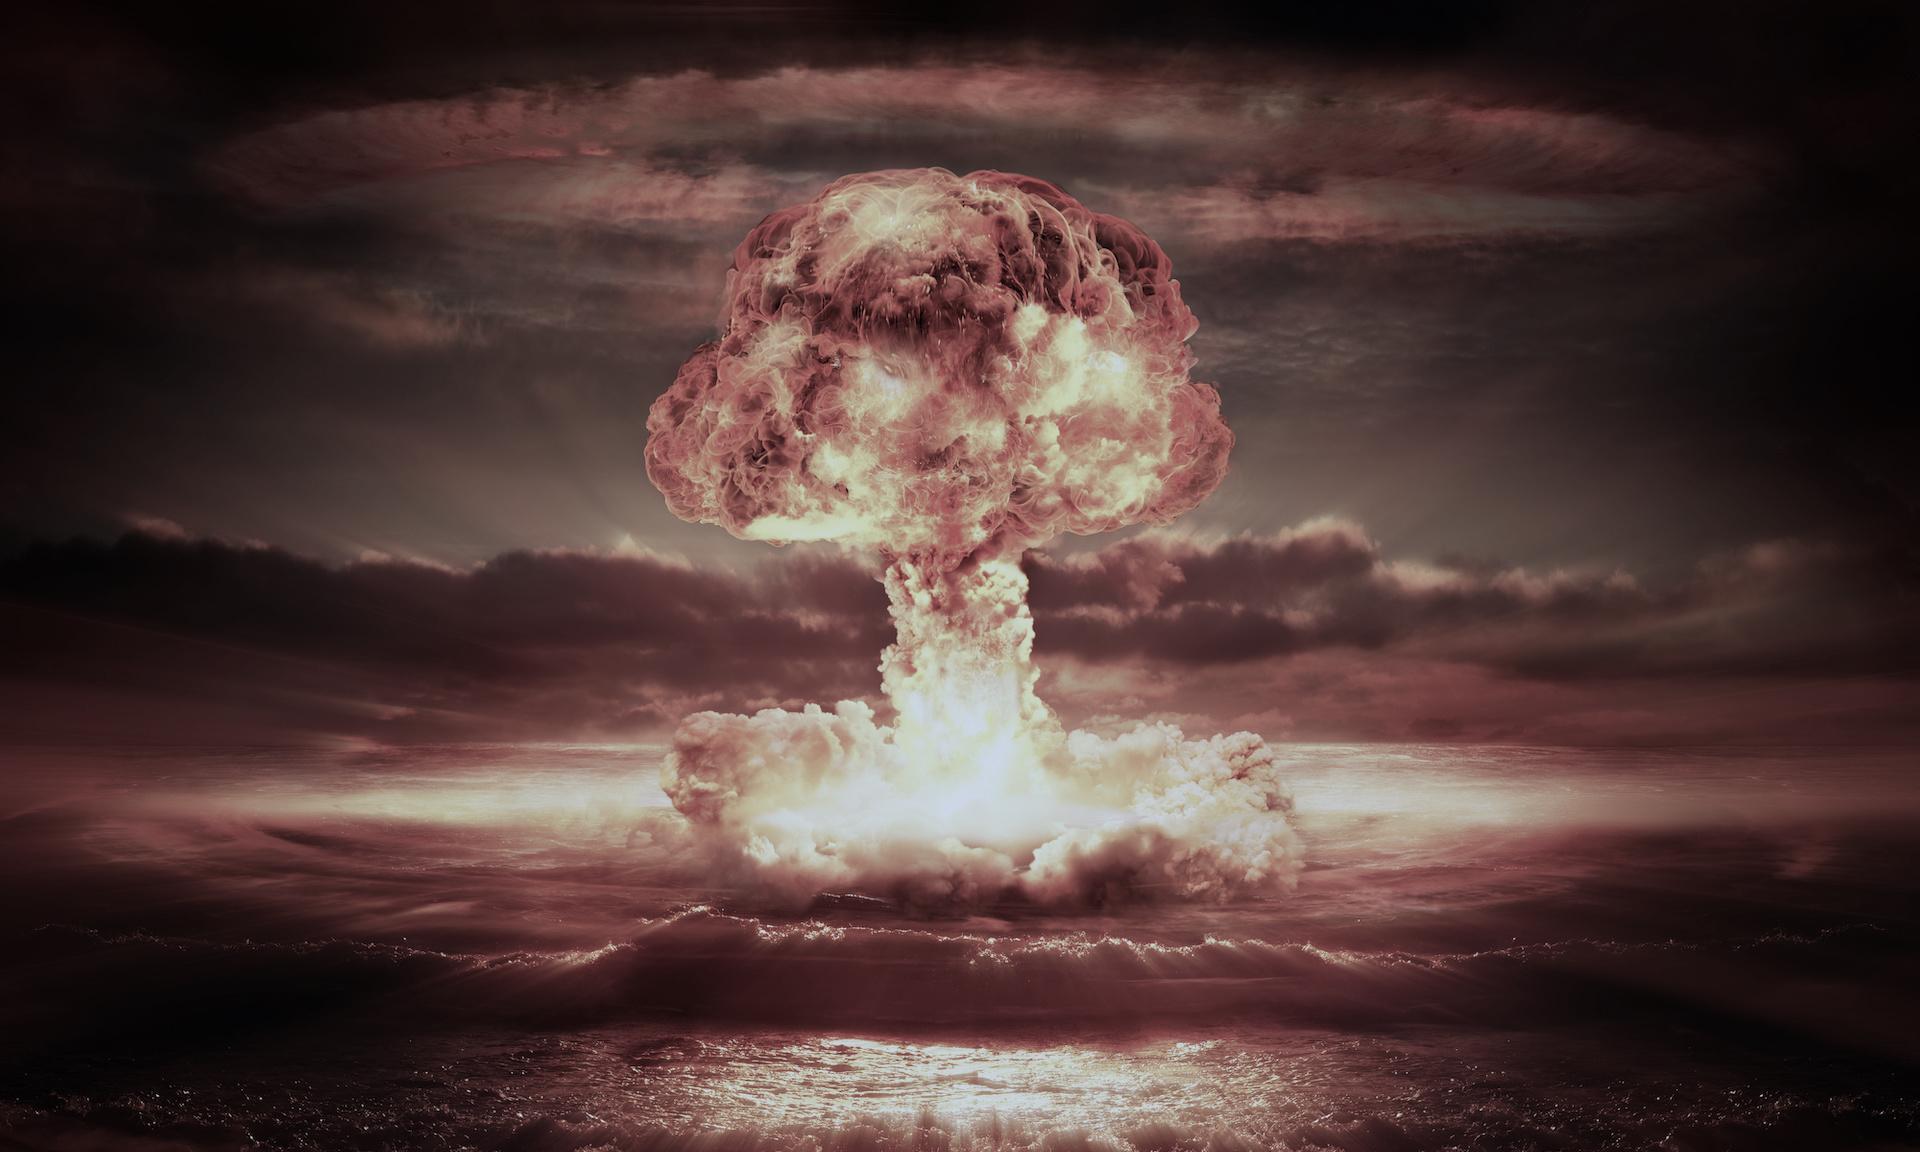 Obraz przedstawia wybuch kadrowy z widocznym na niebie charakterystycznym grzybem